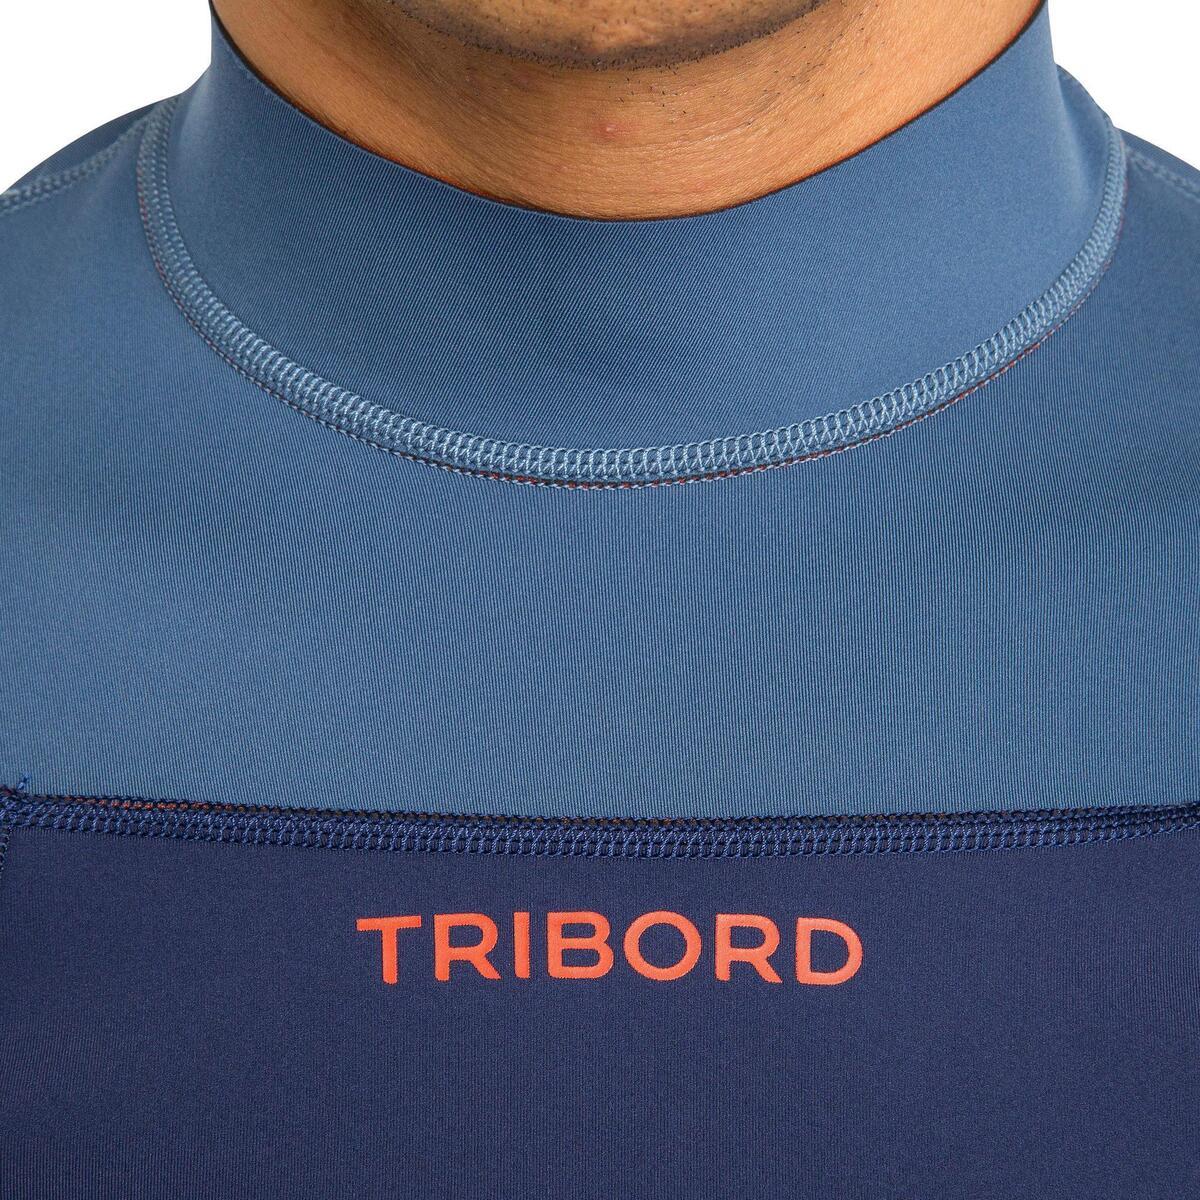 Bild 4 von Thermo-Shirt langarm 900 Herren blau